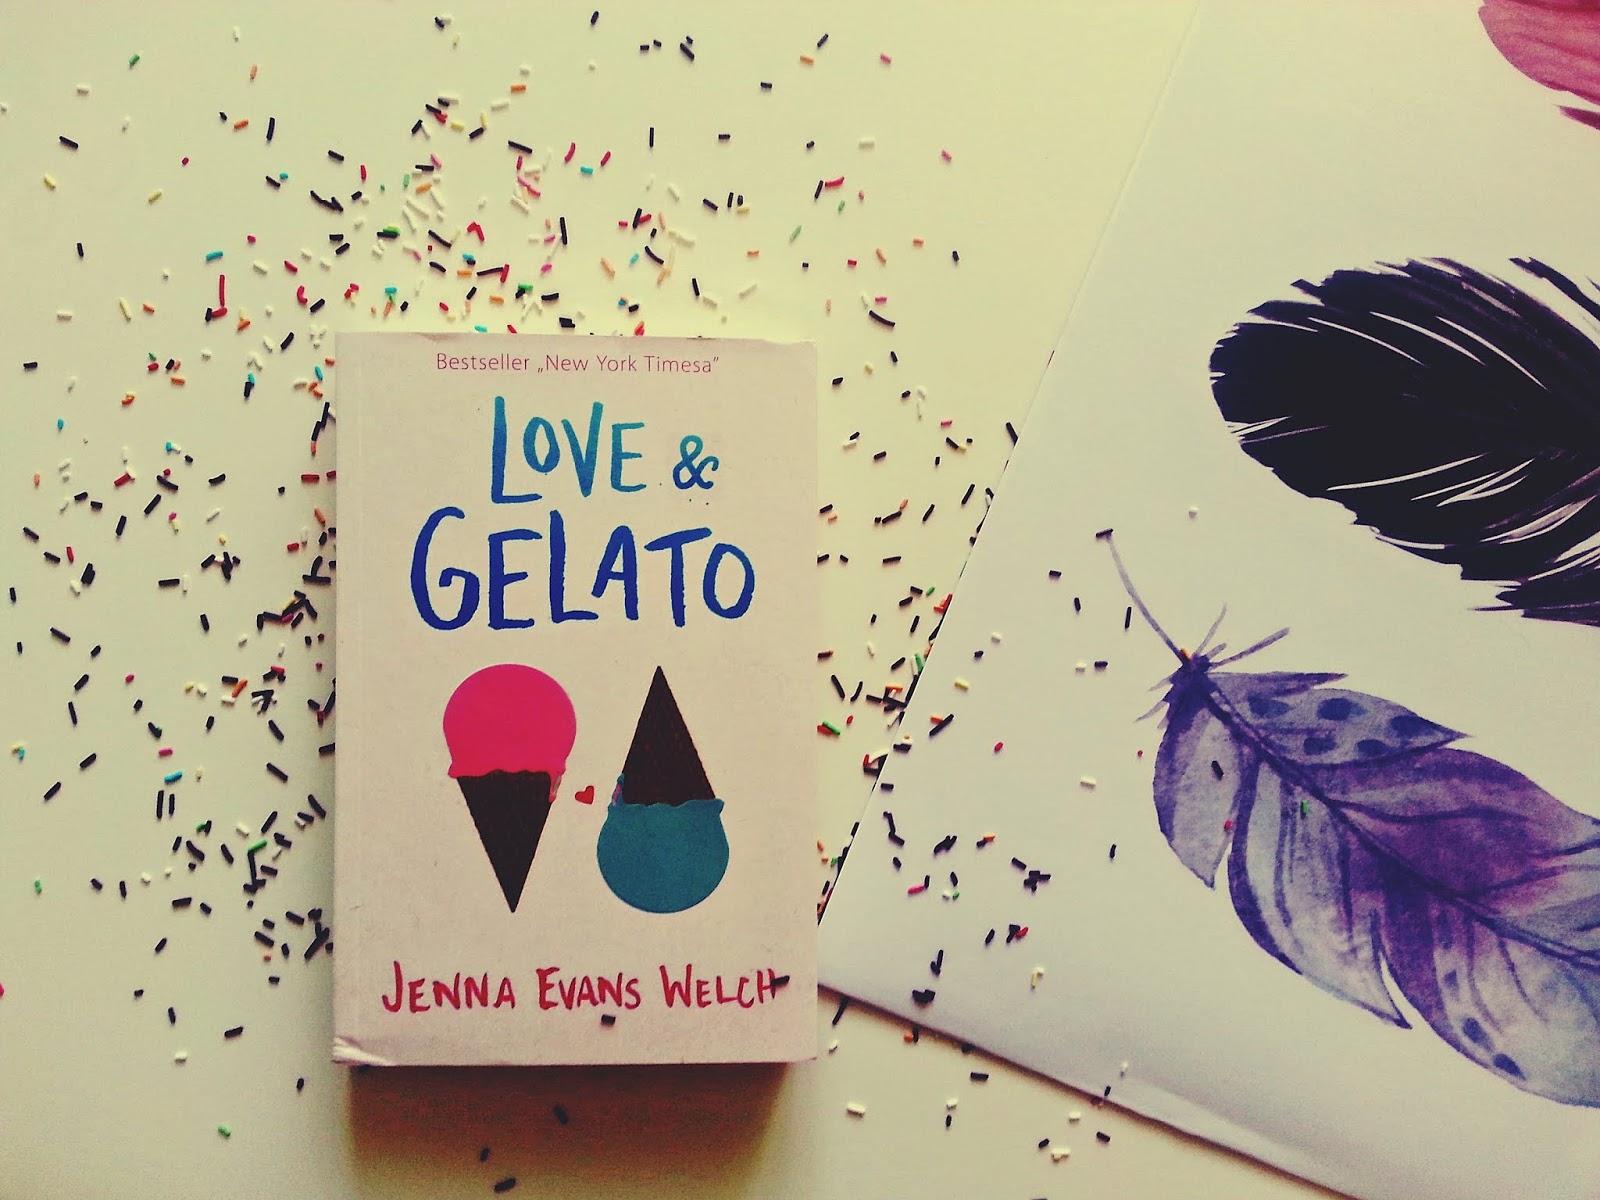 Love & Gelato, love and gelato, Jenna Evans Welch, Publicat, Wydawnictwo Dolnośląskie, książka, recenzja